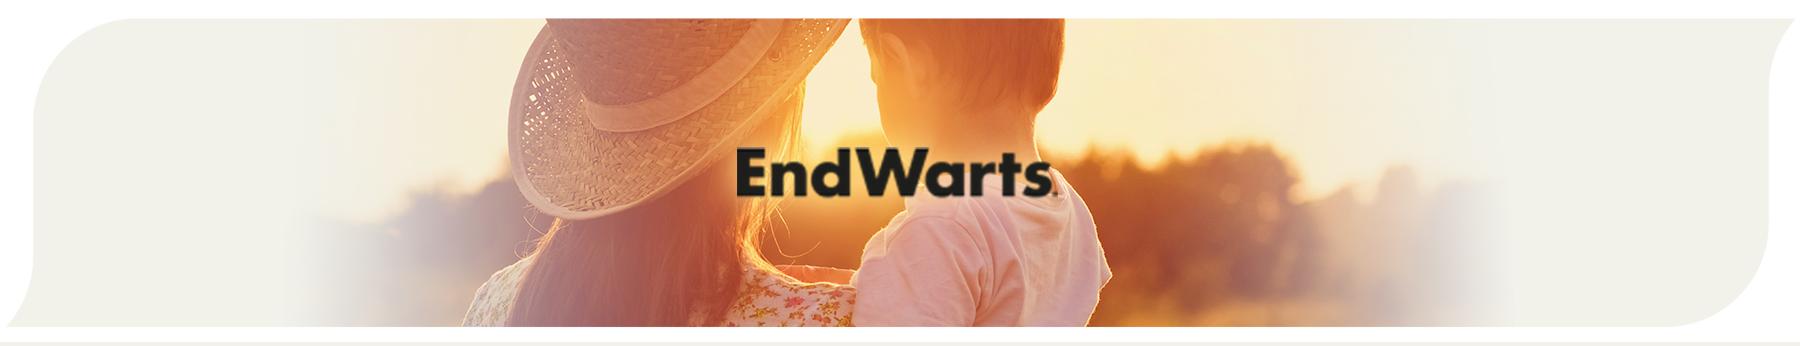 Endwarts, domácí ošetření bradavic